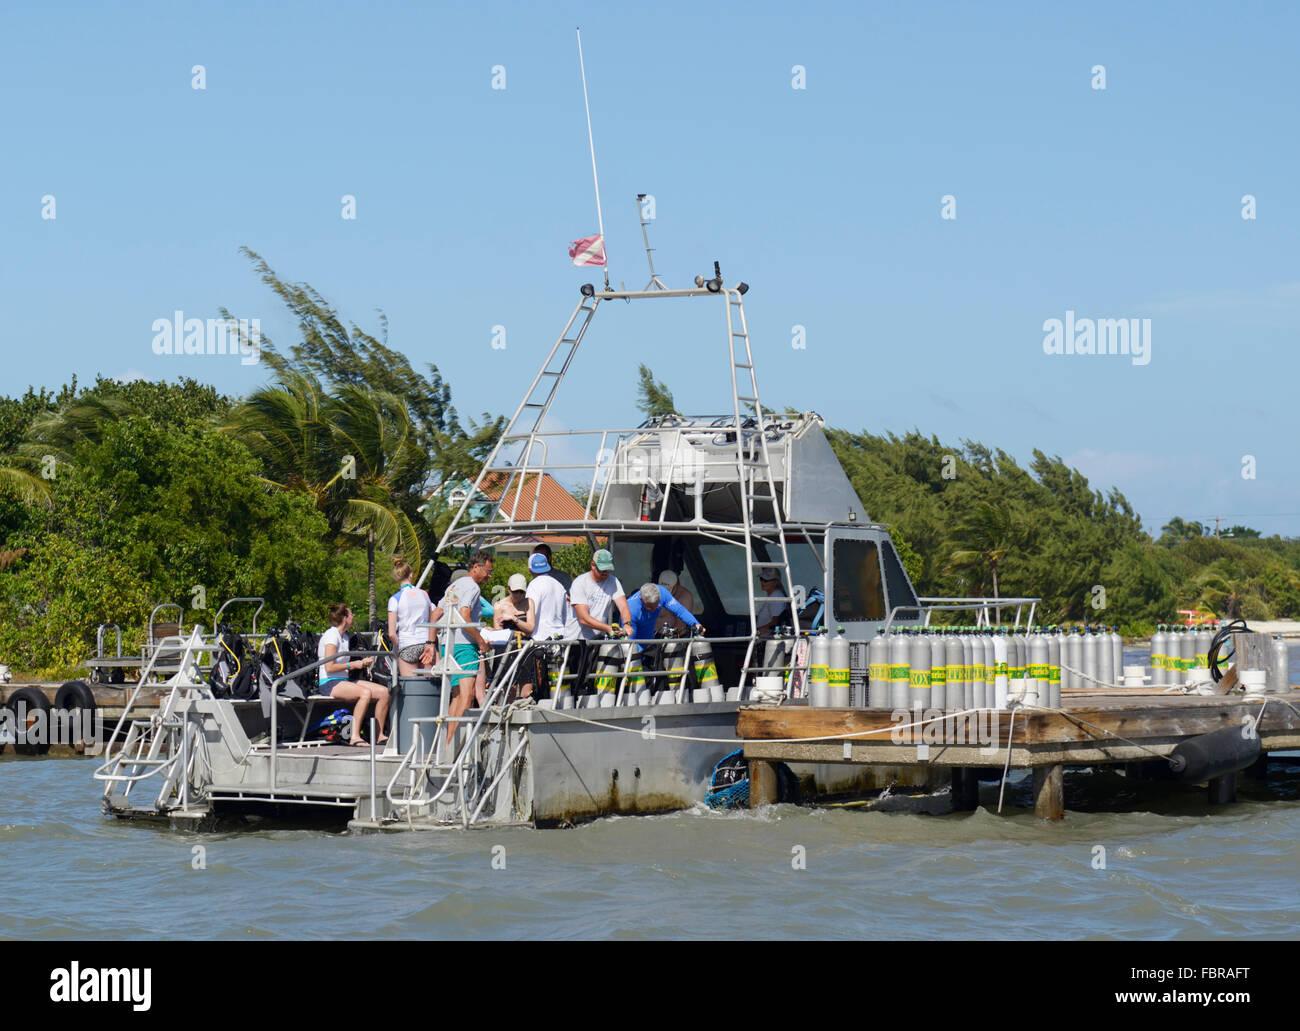 Bateau de plongée avec les plongeurs se préparent à quitter le quai et les réservoirs d'air Photo Stock